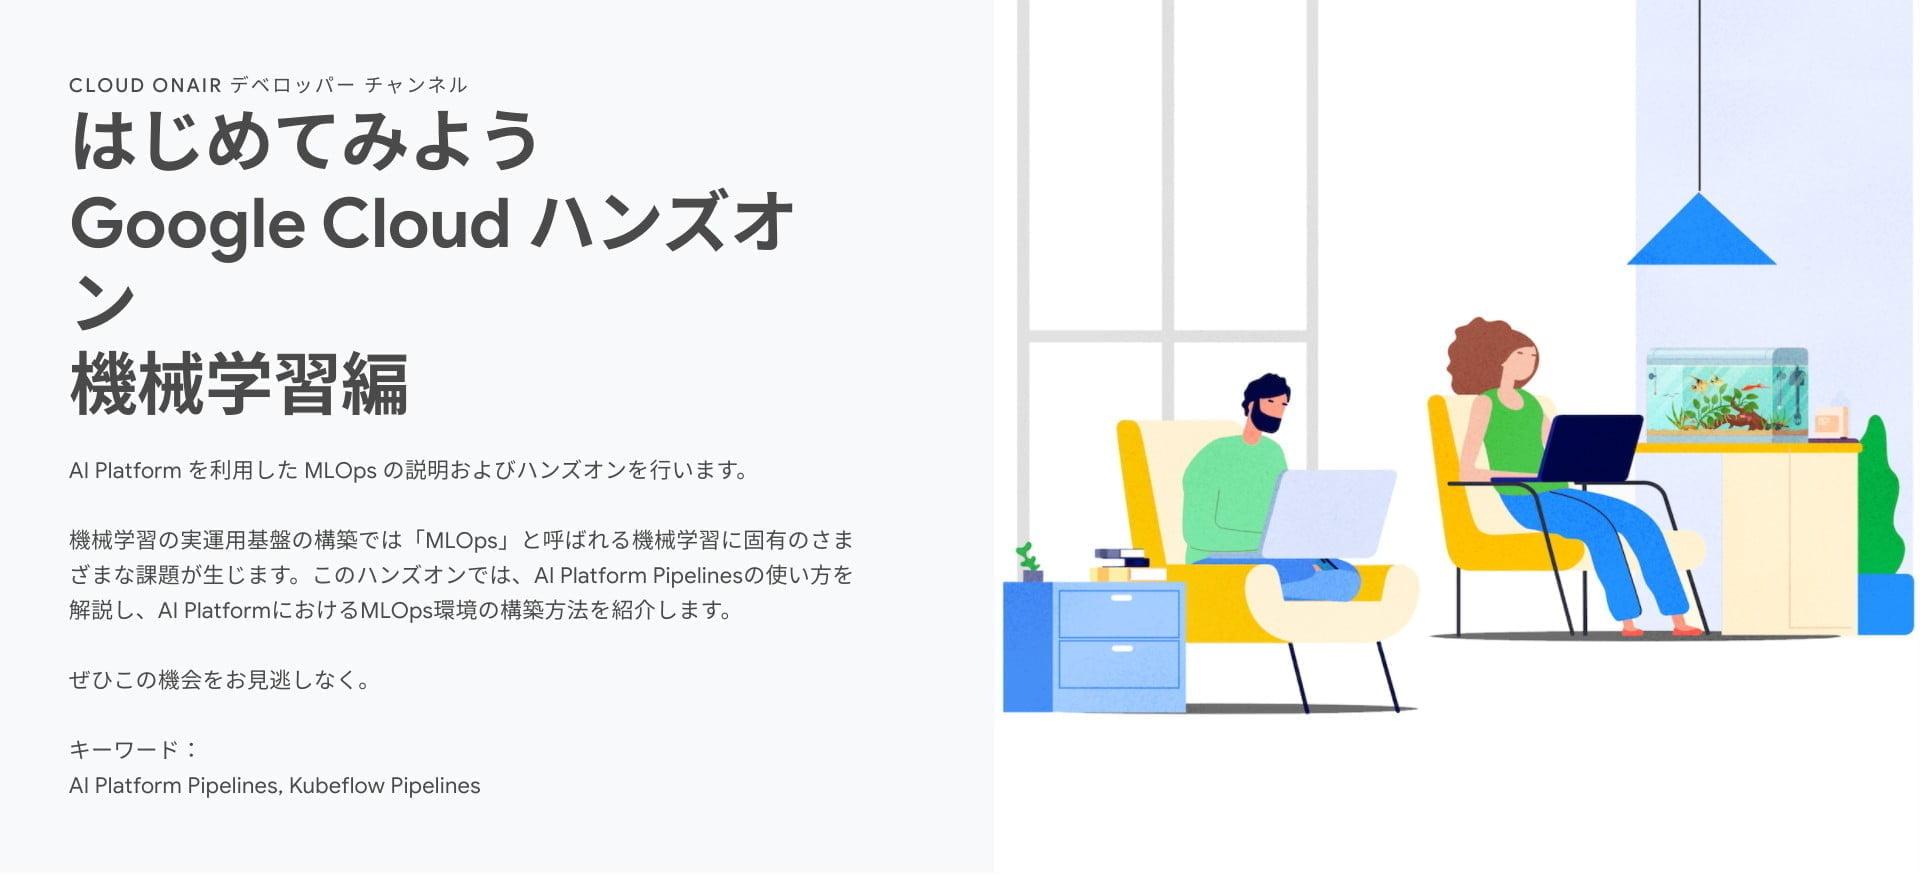 [GCP] はじめてみよう Google Cloud ハンズオン 機械学習編